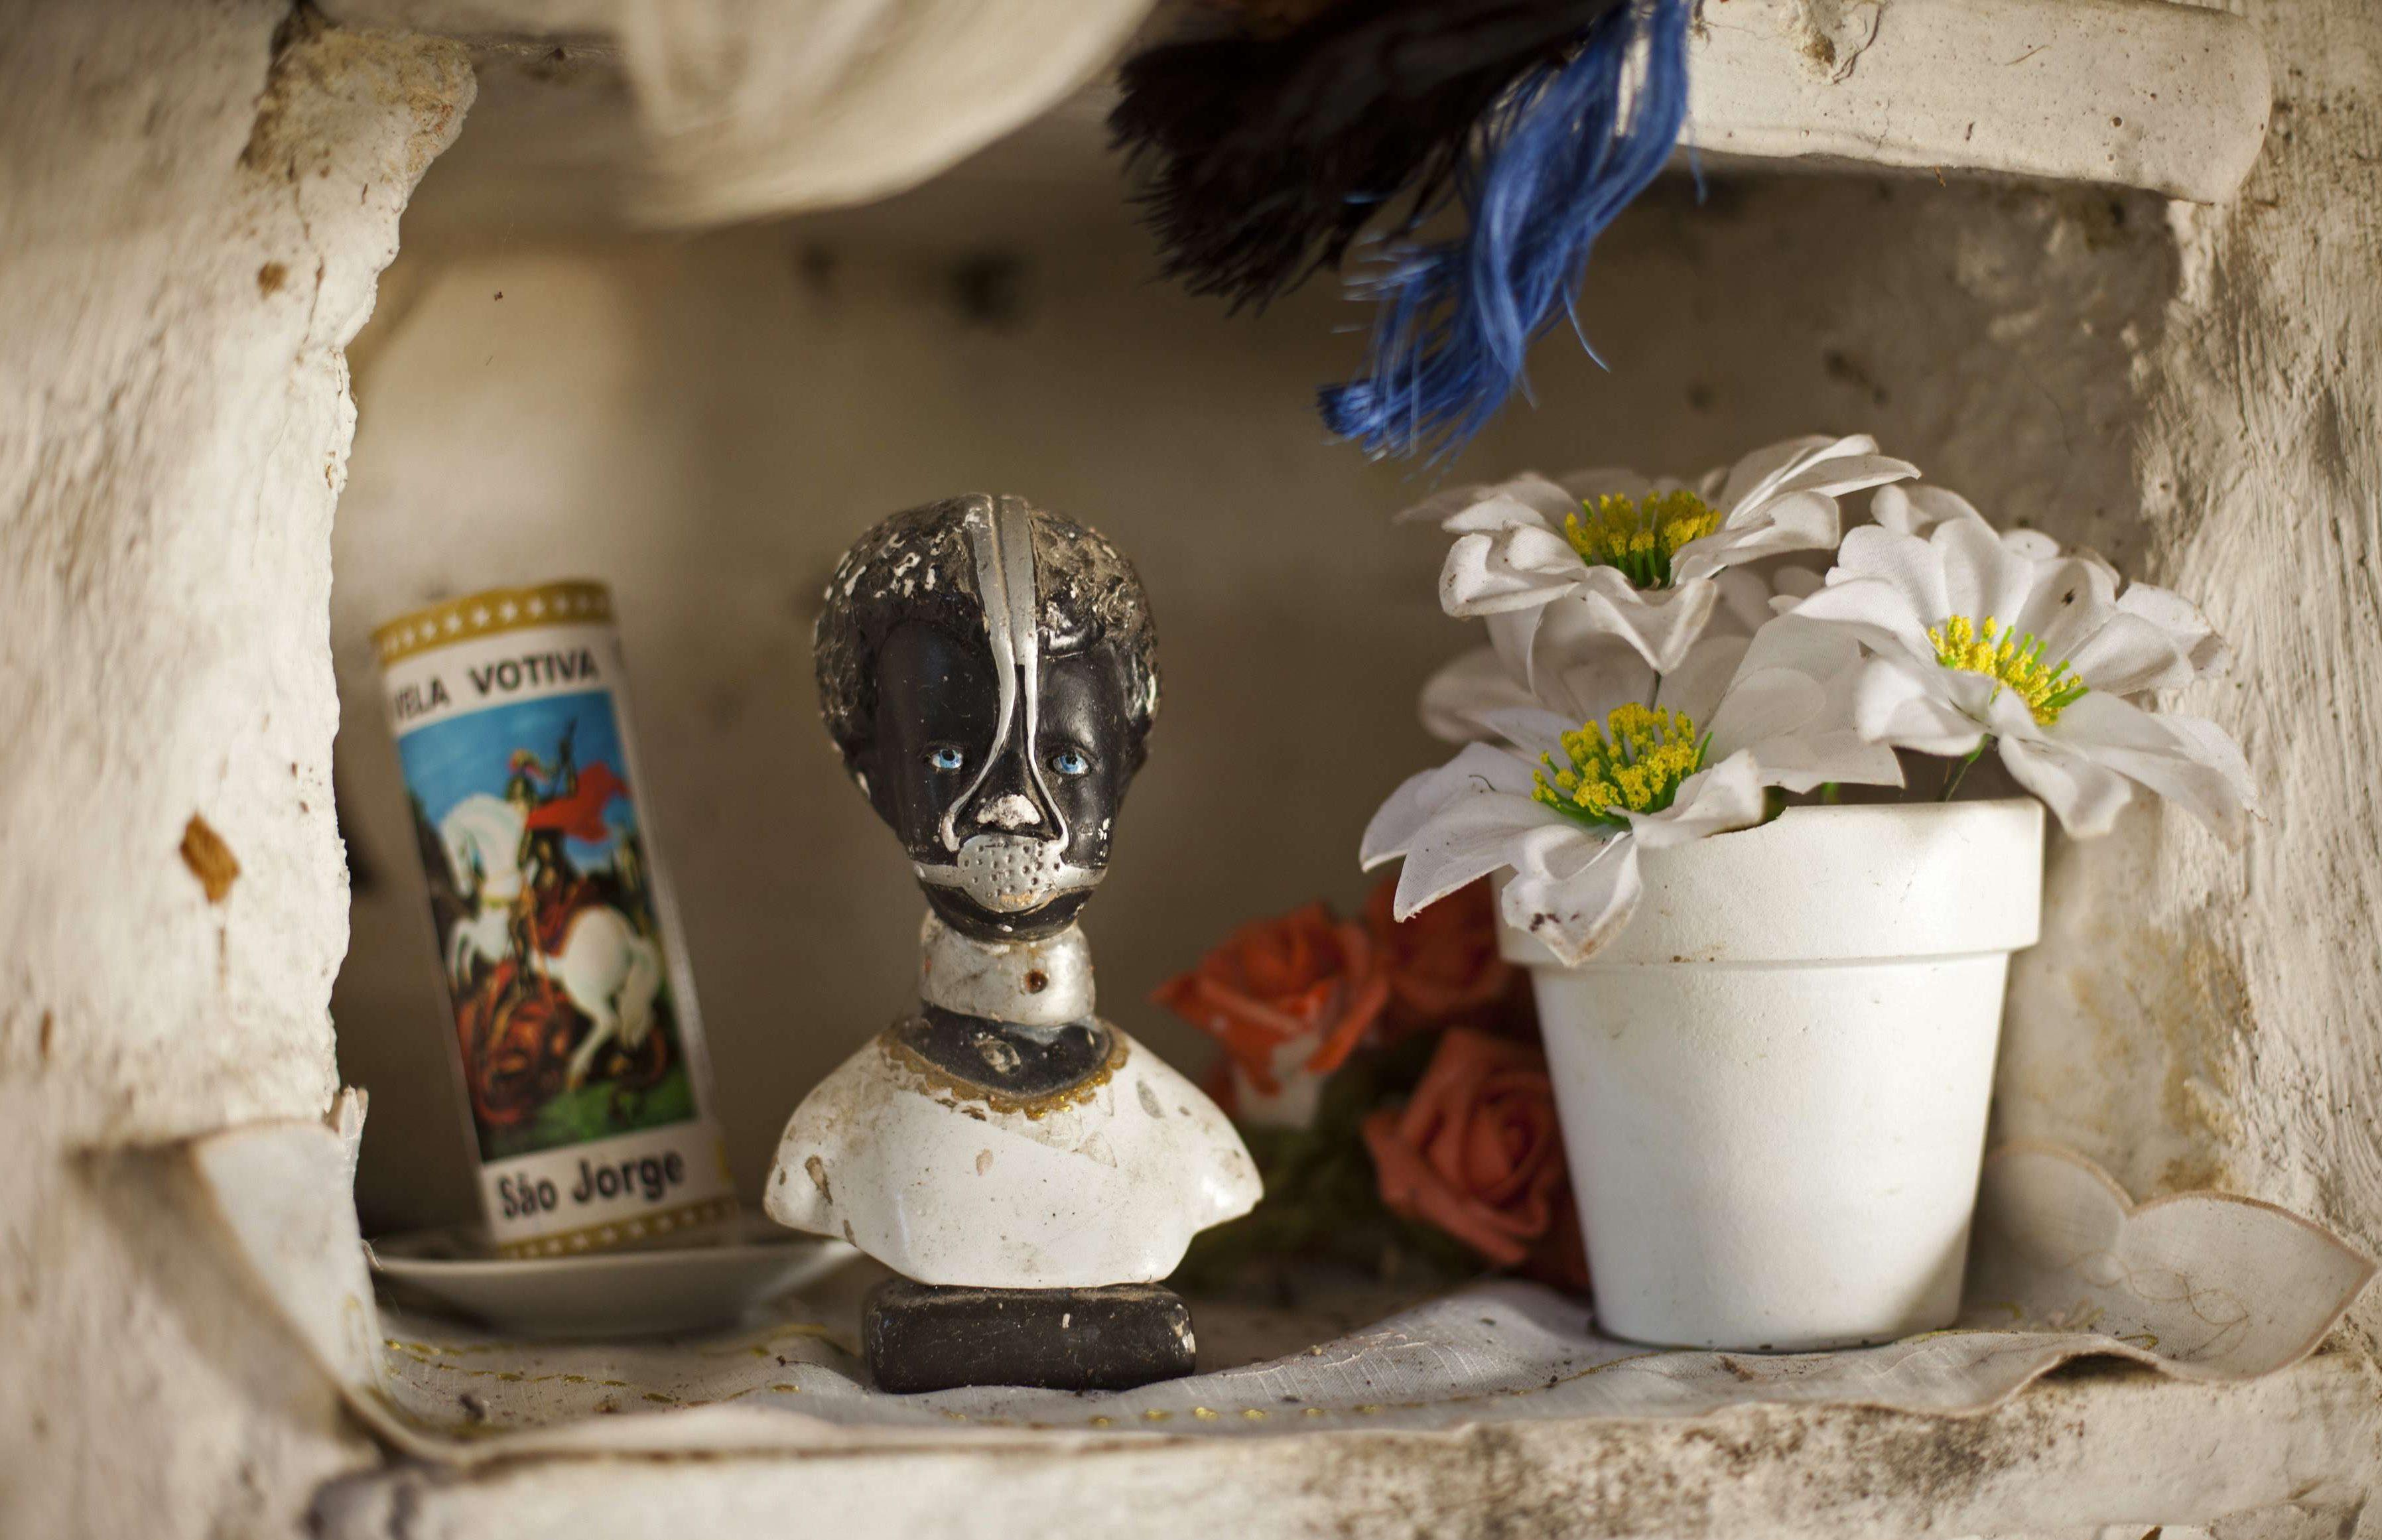 Une statue de l'esclave Anastacia, une figure vénérée comme un saint au Brésil, décore un espace public du Quilombo Sacopa à Rio de Janeiro, au Brésil.